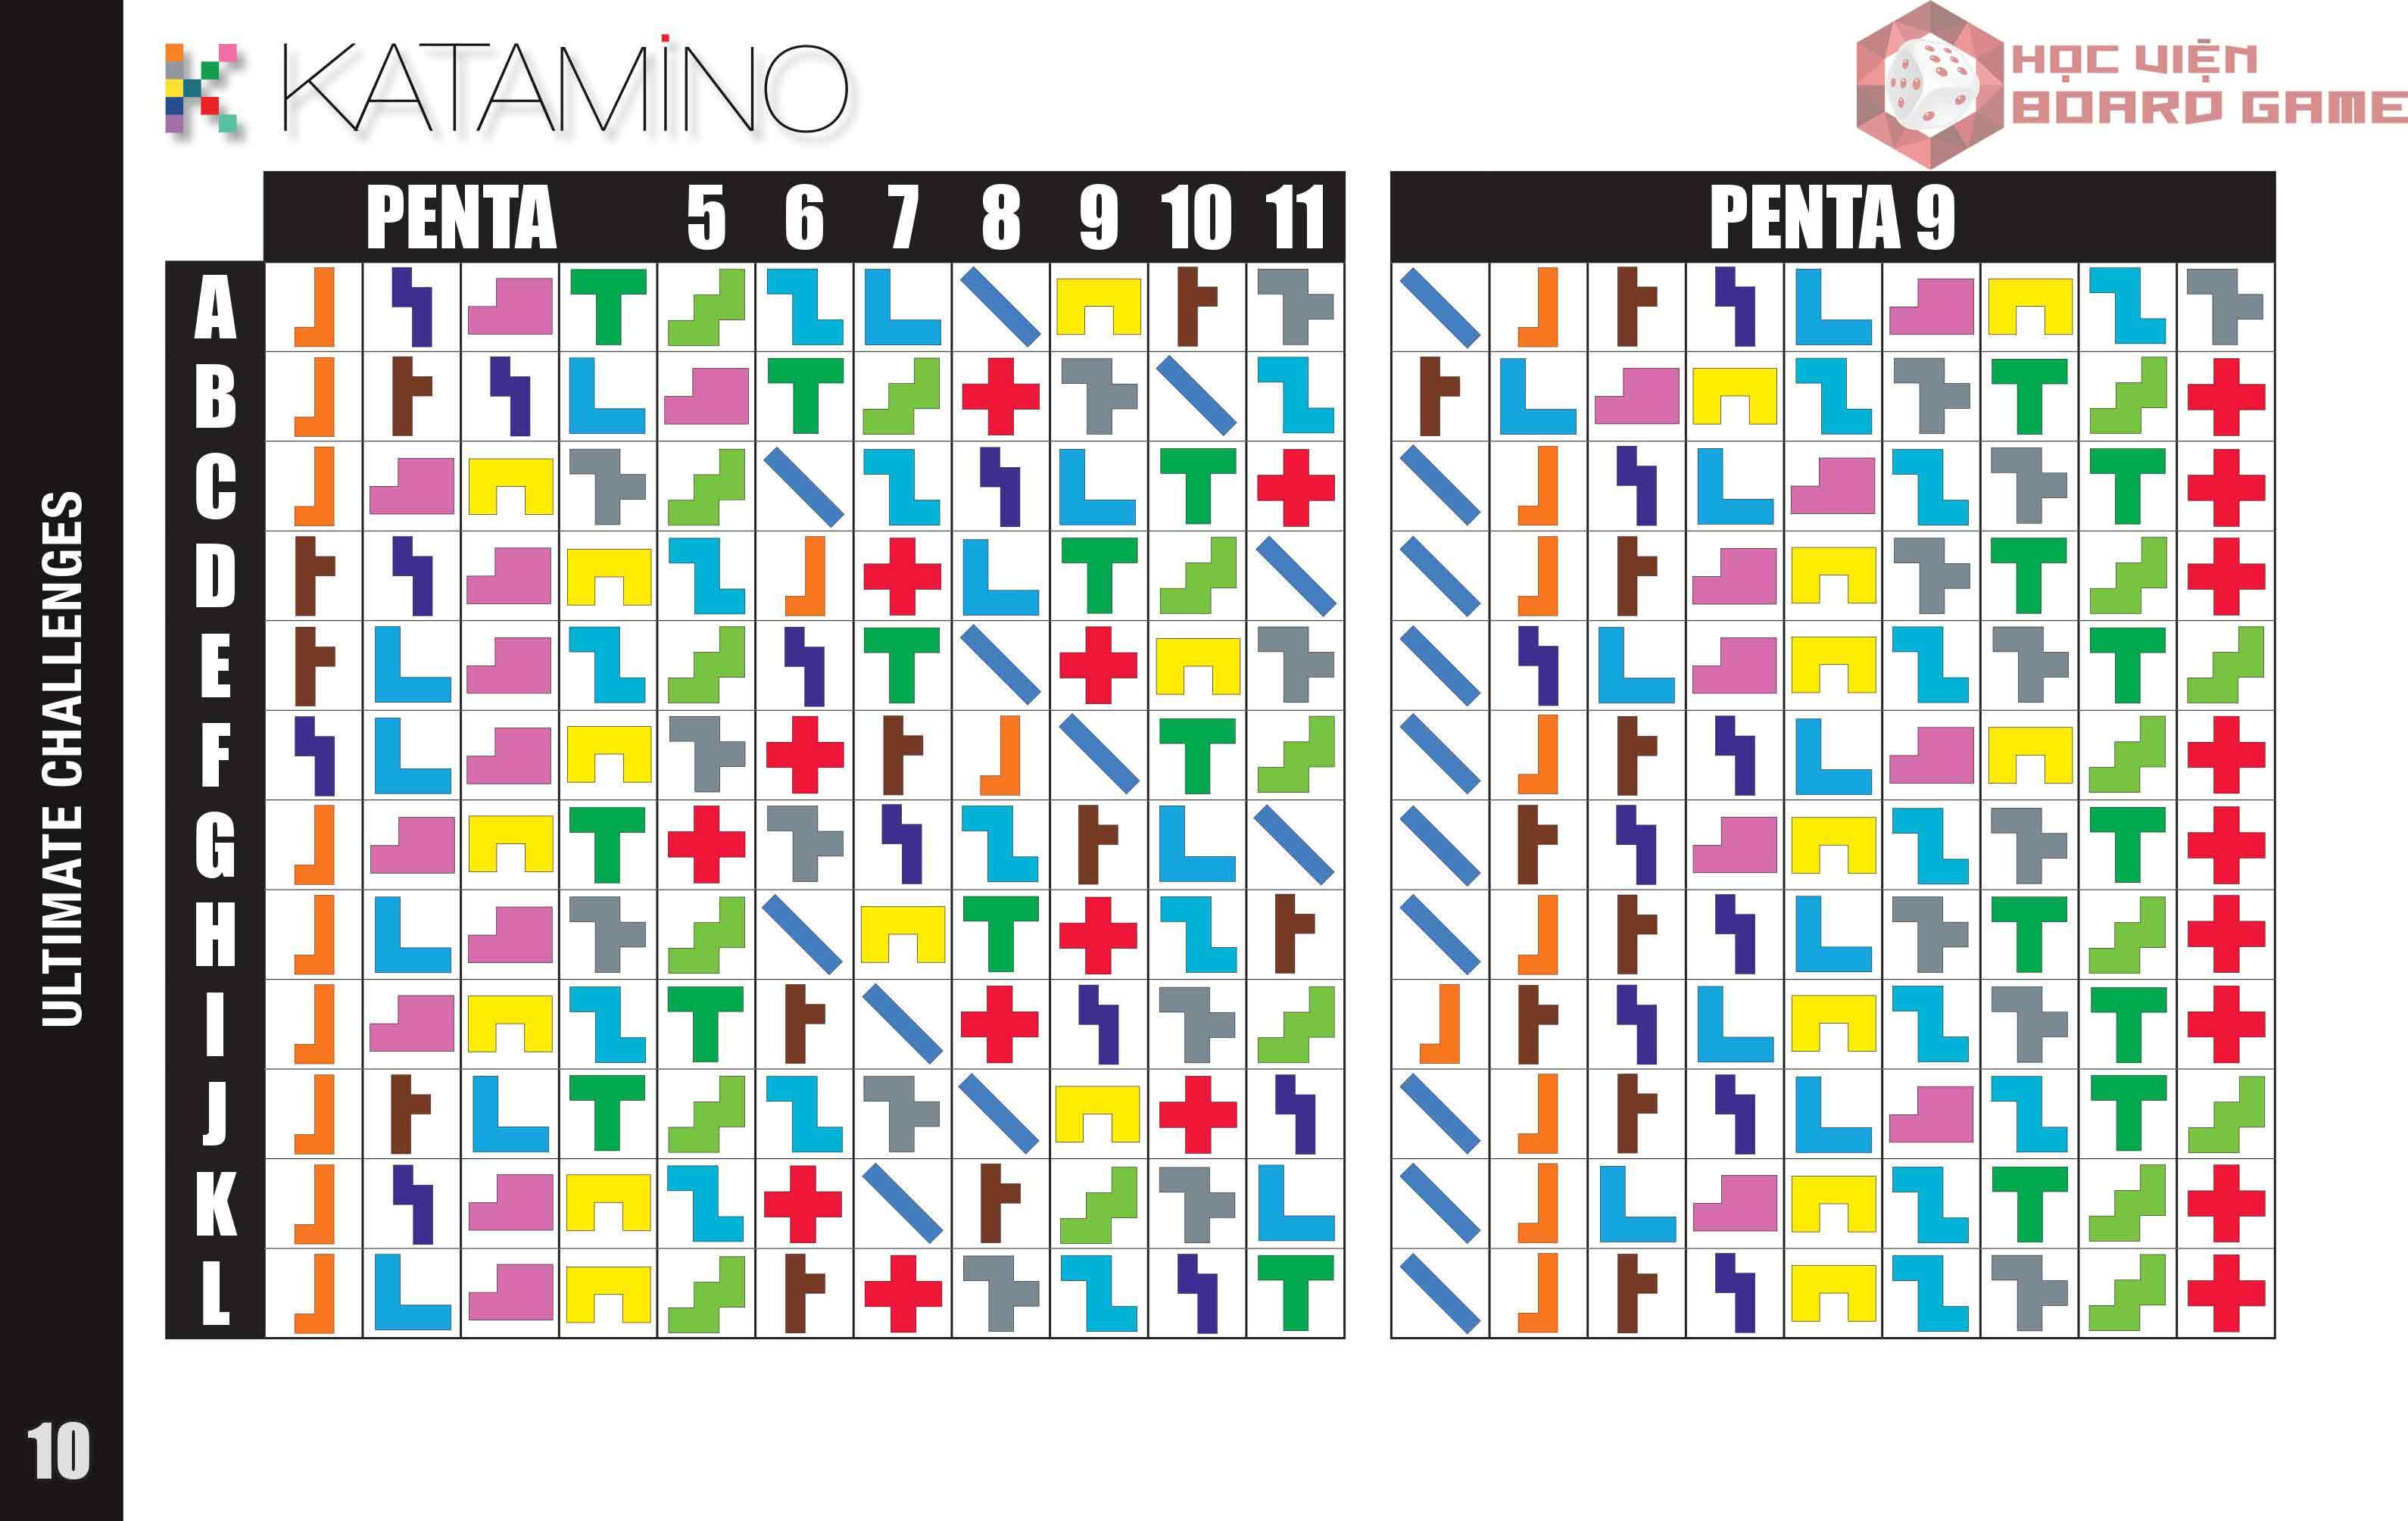 Bảng 5: Các cấp độ khó nhất của Katamino